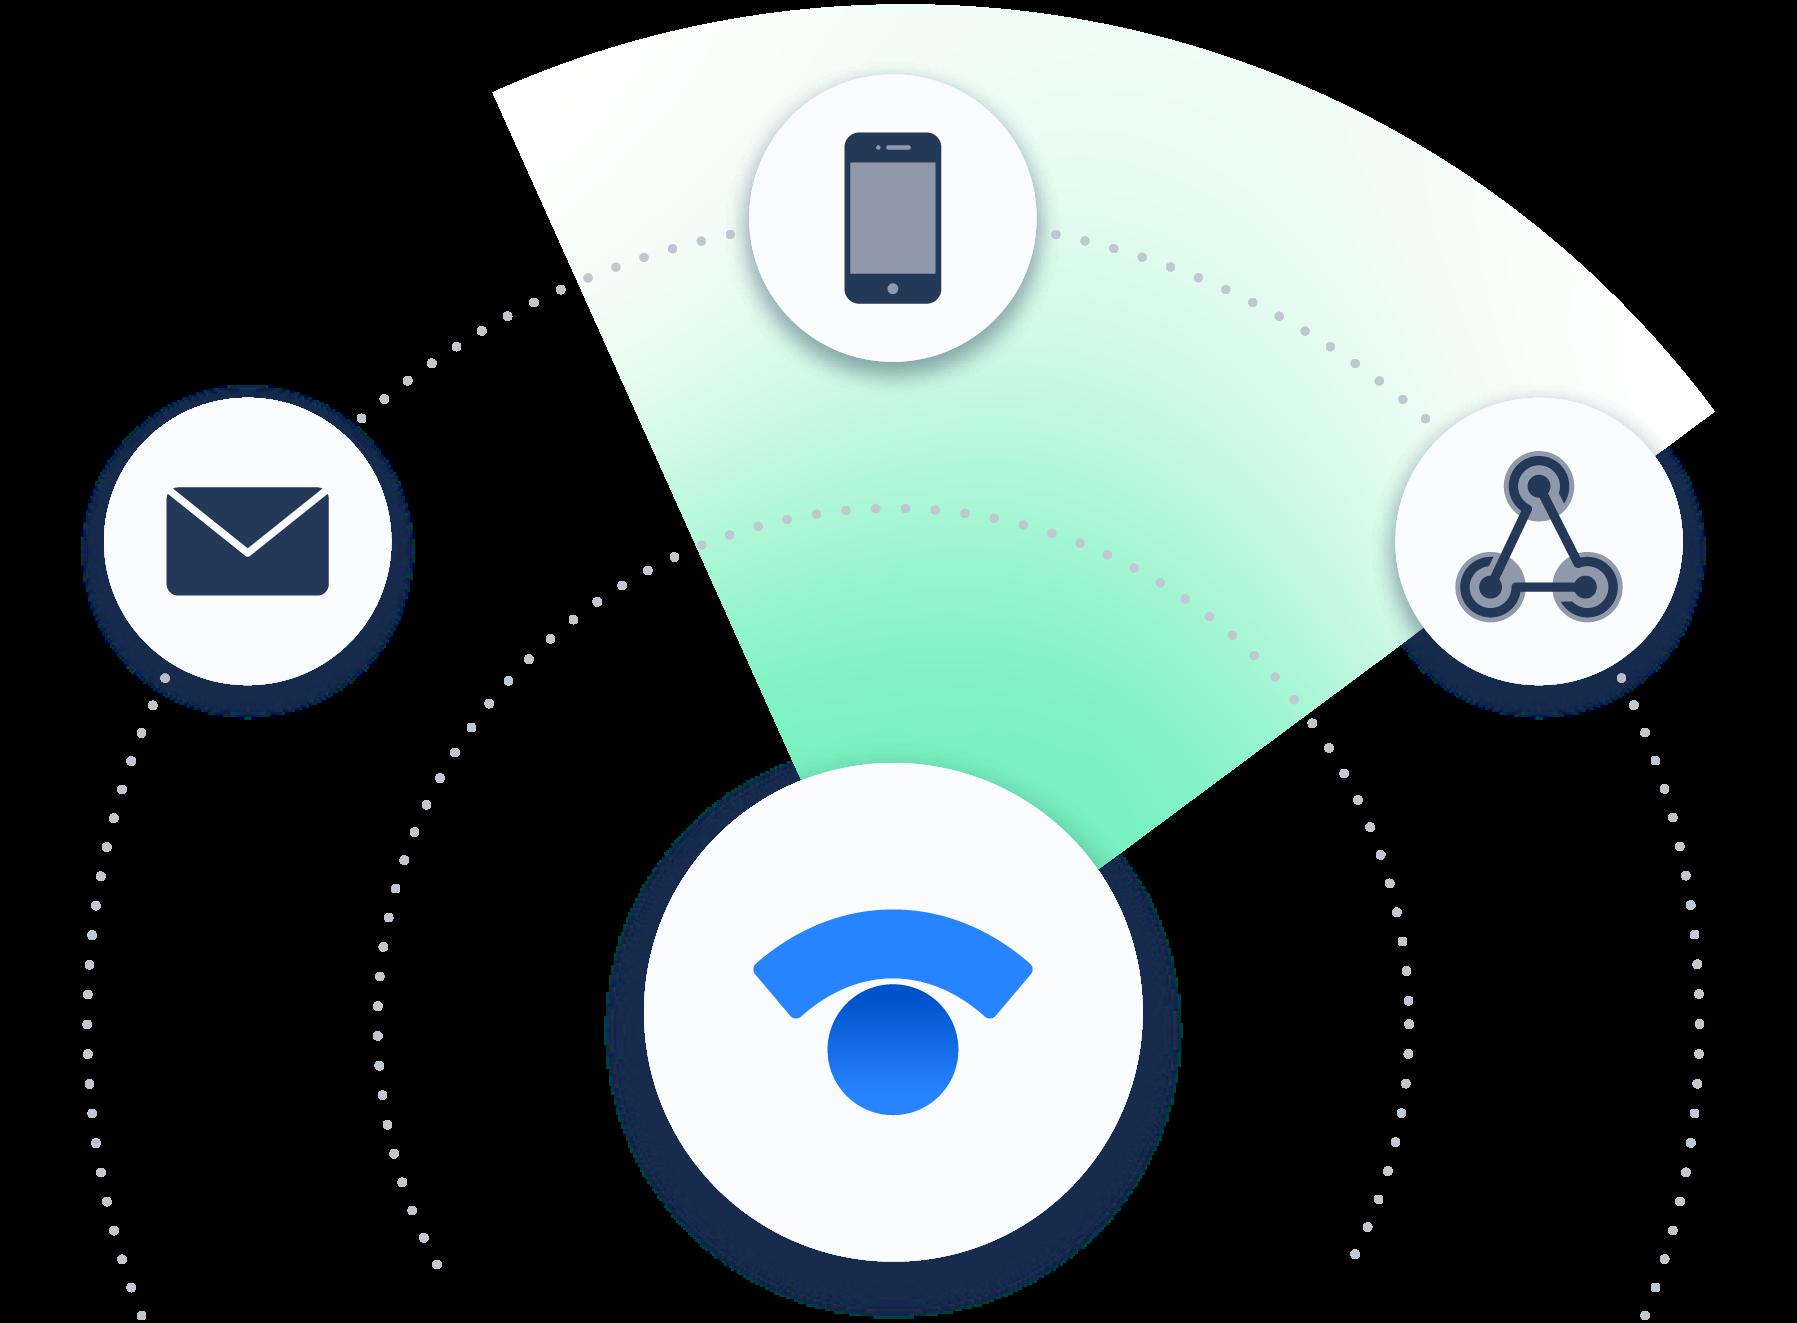 Значок Statuspage, окруженный значками различных средств связи, таких как электронная почта и телефон